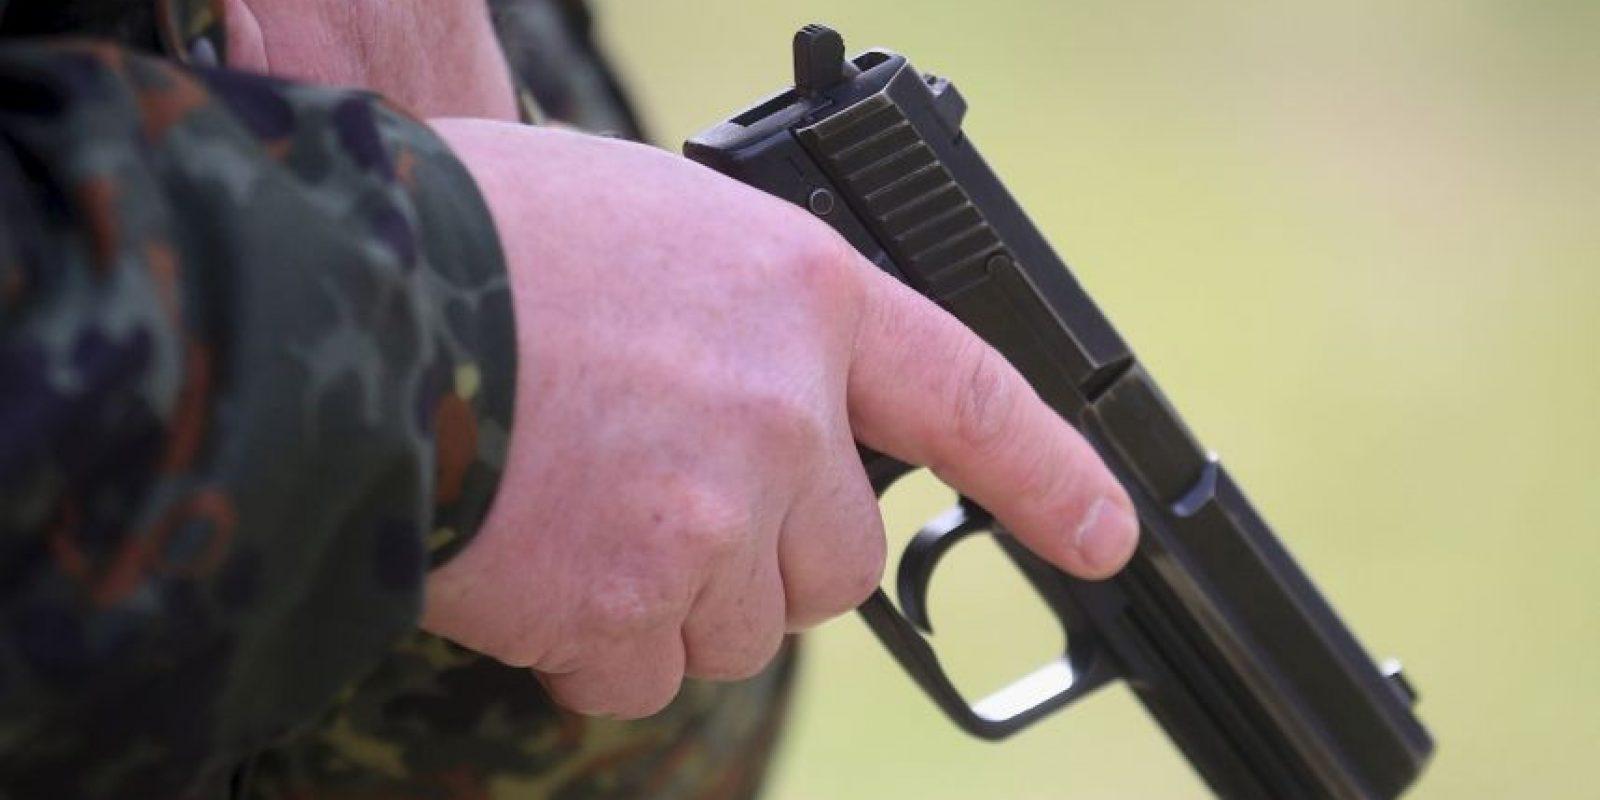 Con la ayuda de una pistola pudo amenazar al piloto y quitarle el control. Foto:Getty Images